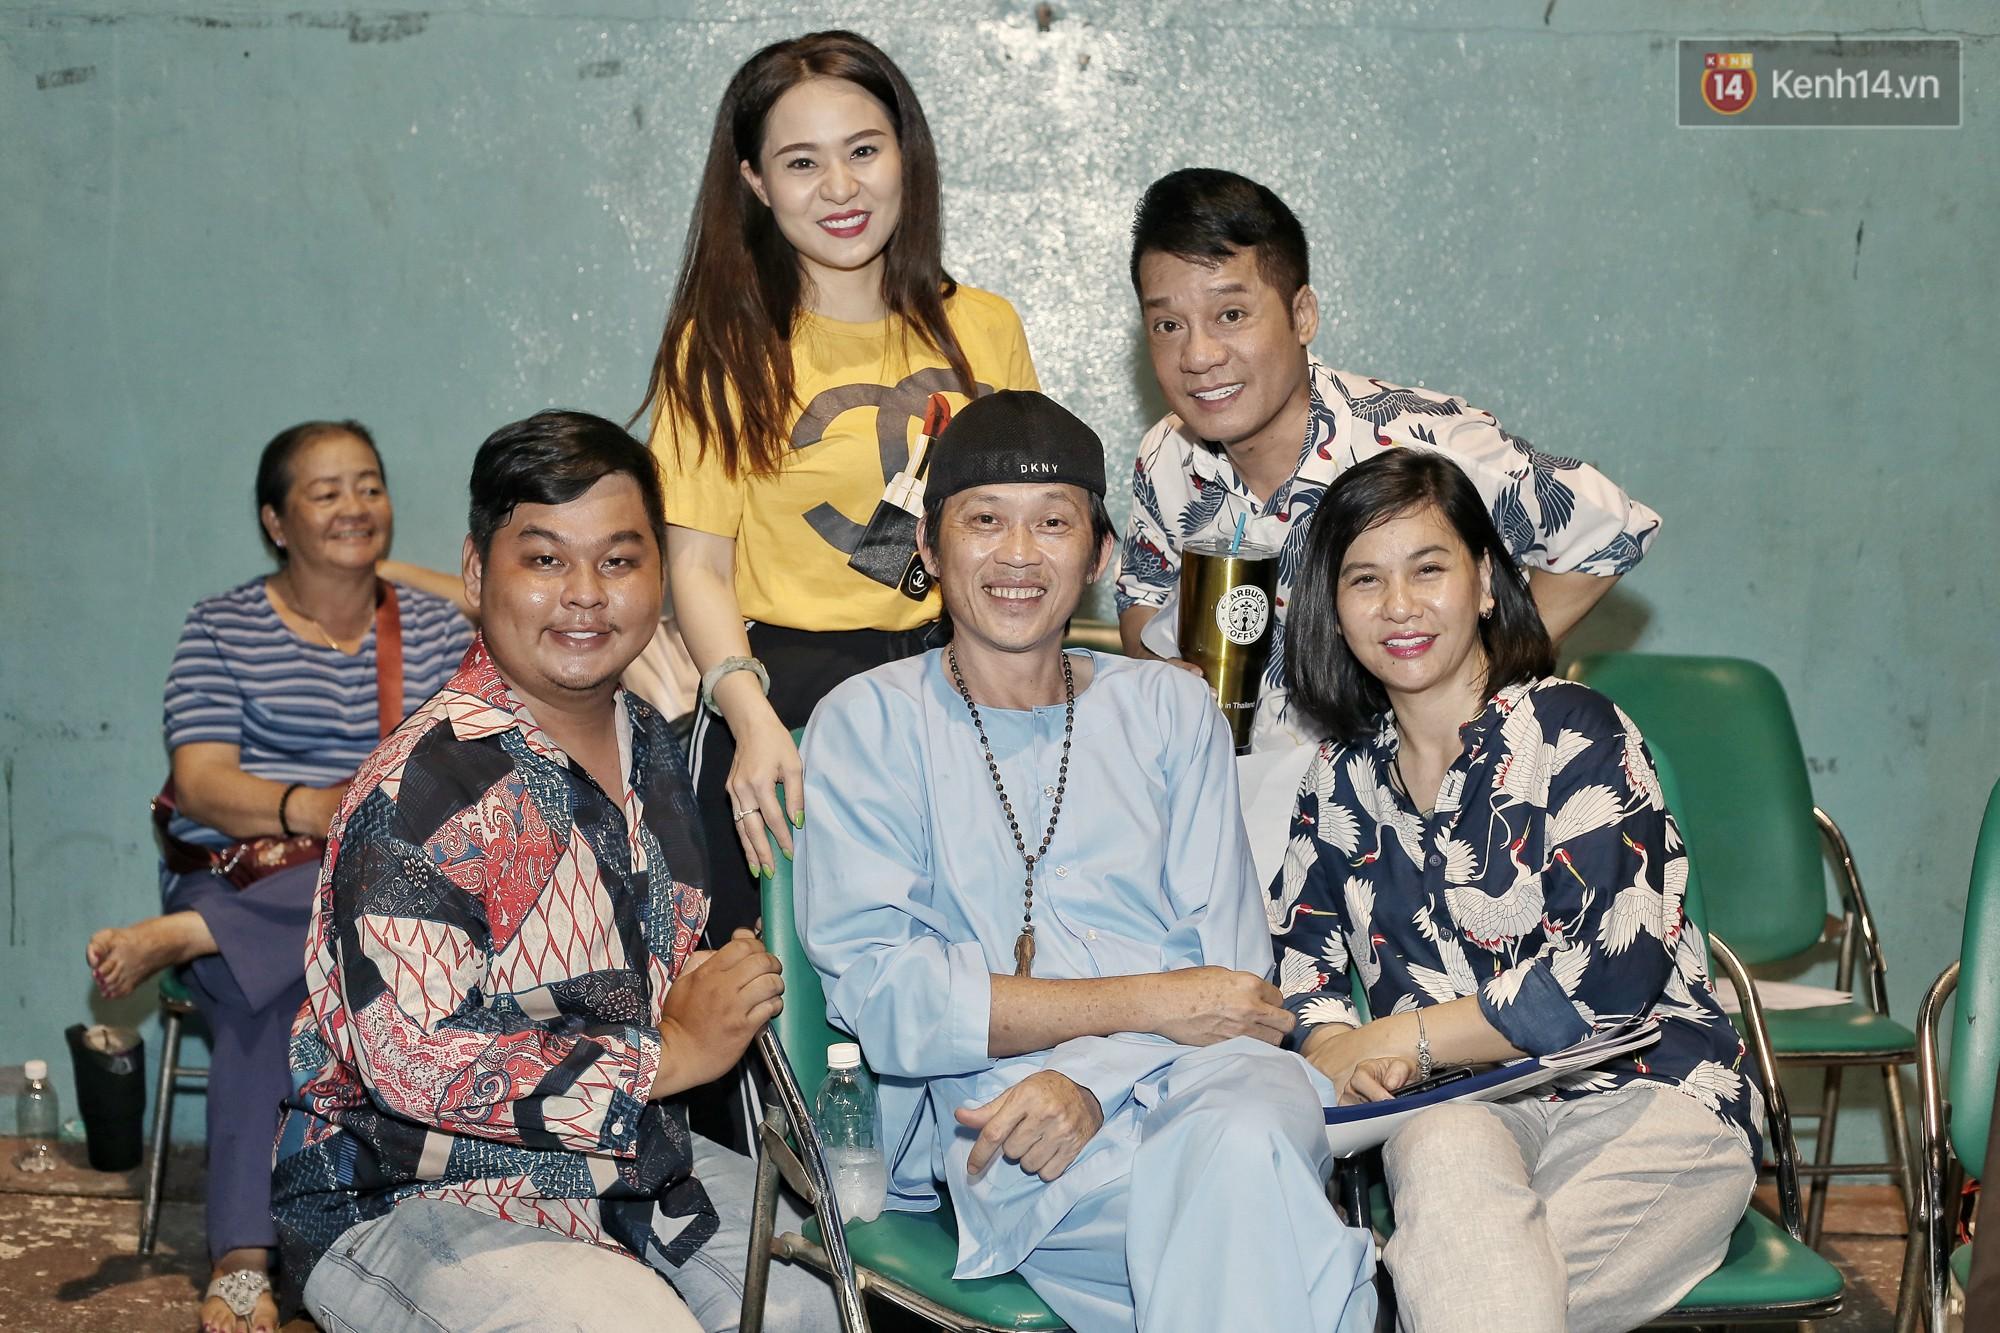 Hoài Lâm chính thức lộ diện sau nửa năm giải nghệ, cùng vợ chồng Khởi My tập luyện trước thềm liveshow Hoài Linh - Ảnh 10.